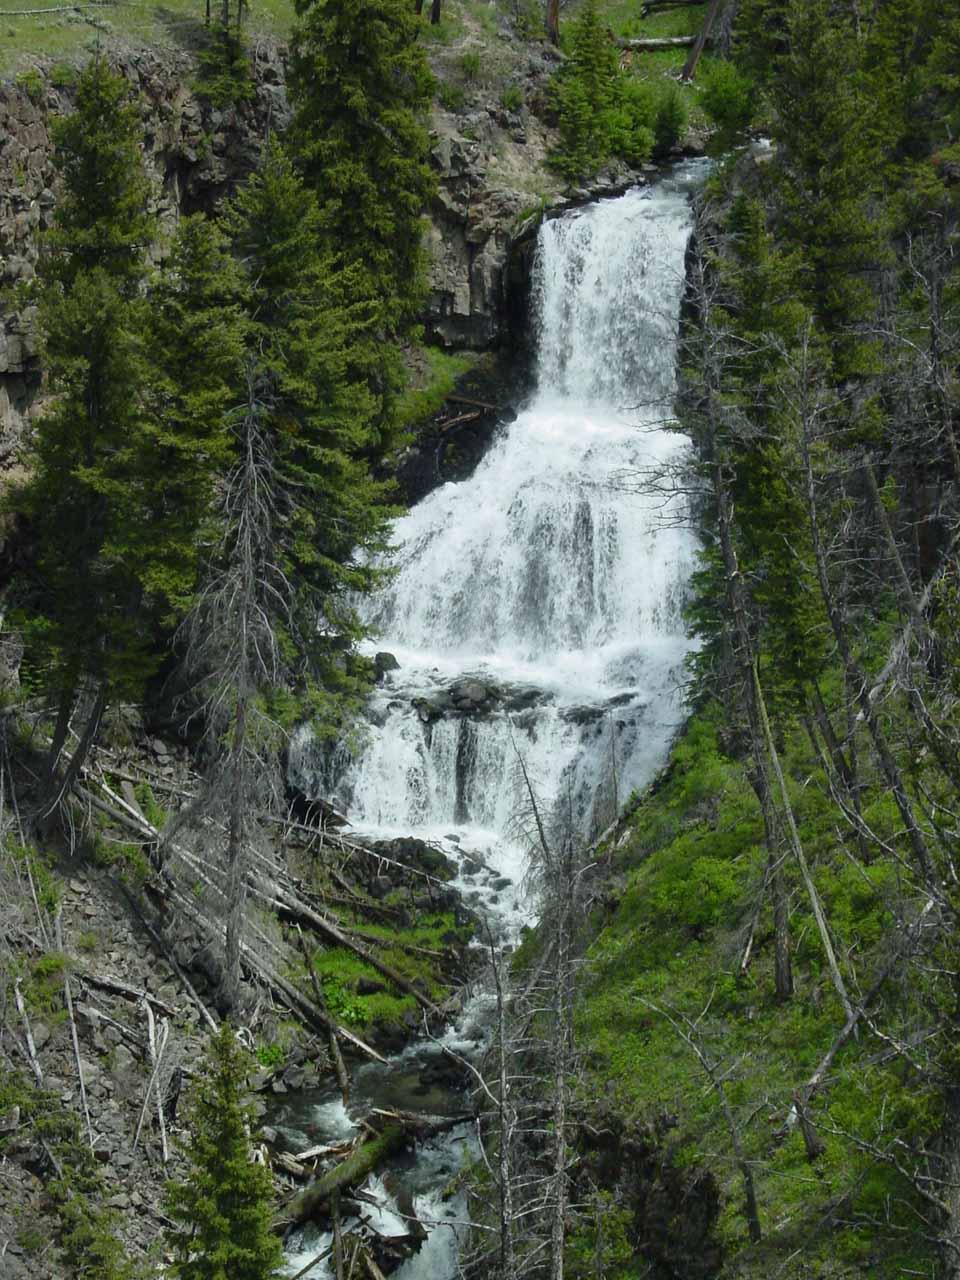 The multi-tiered Undine Falls